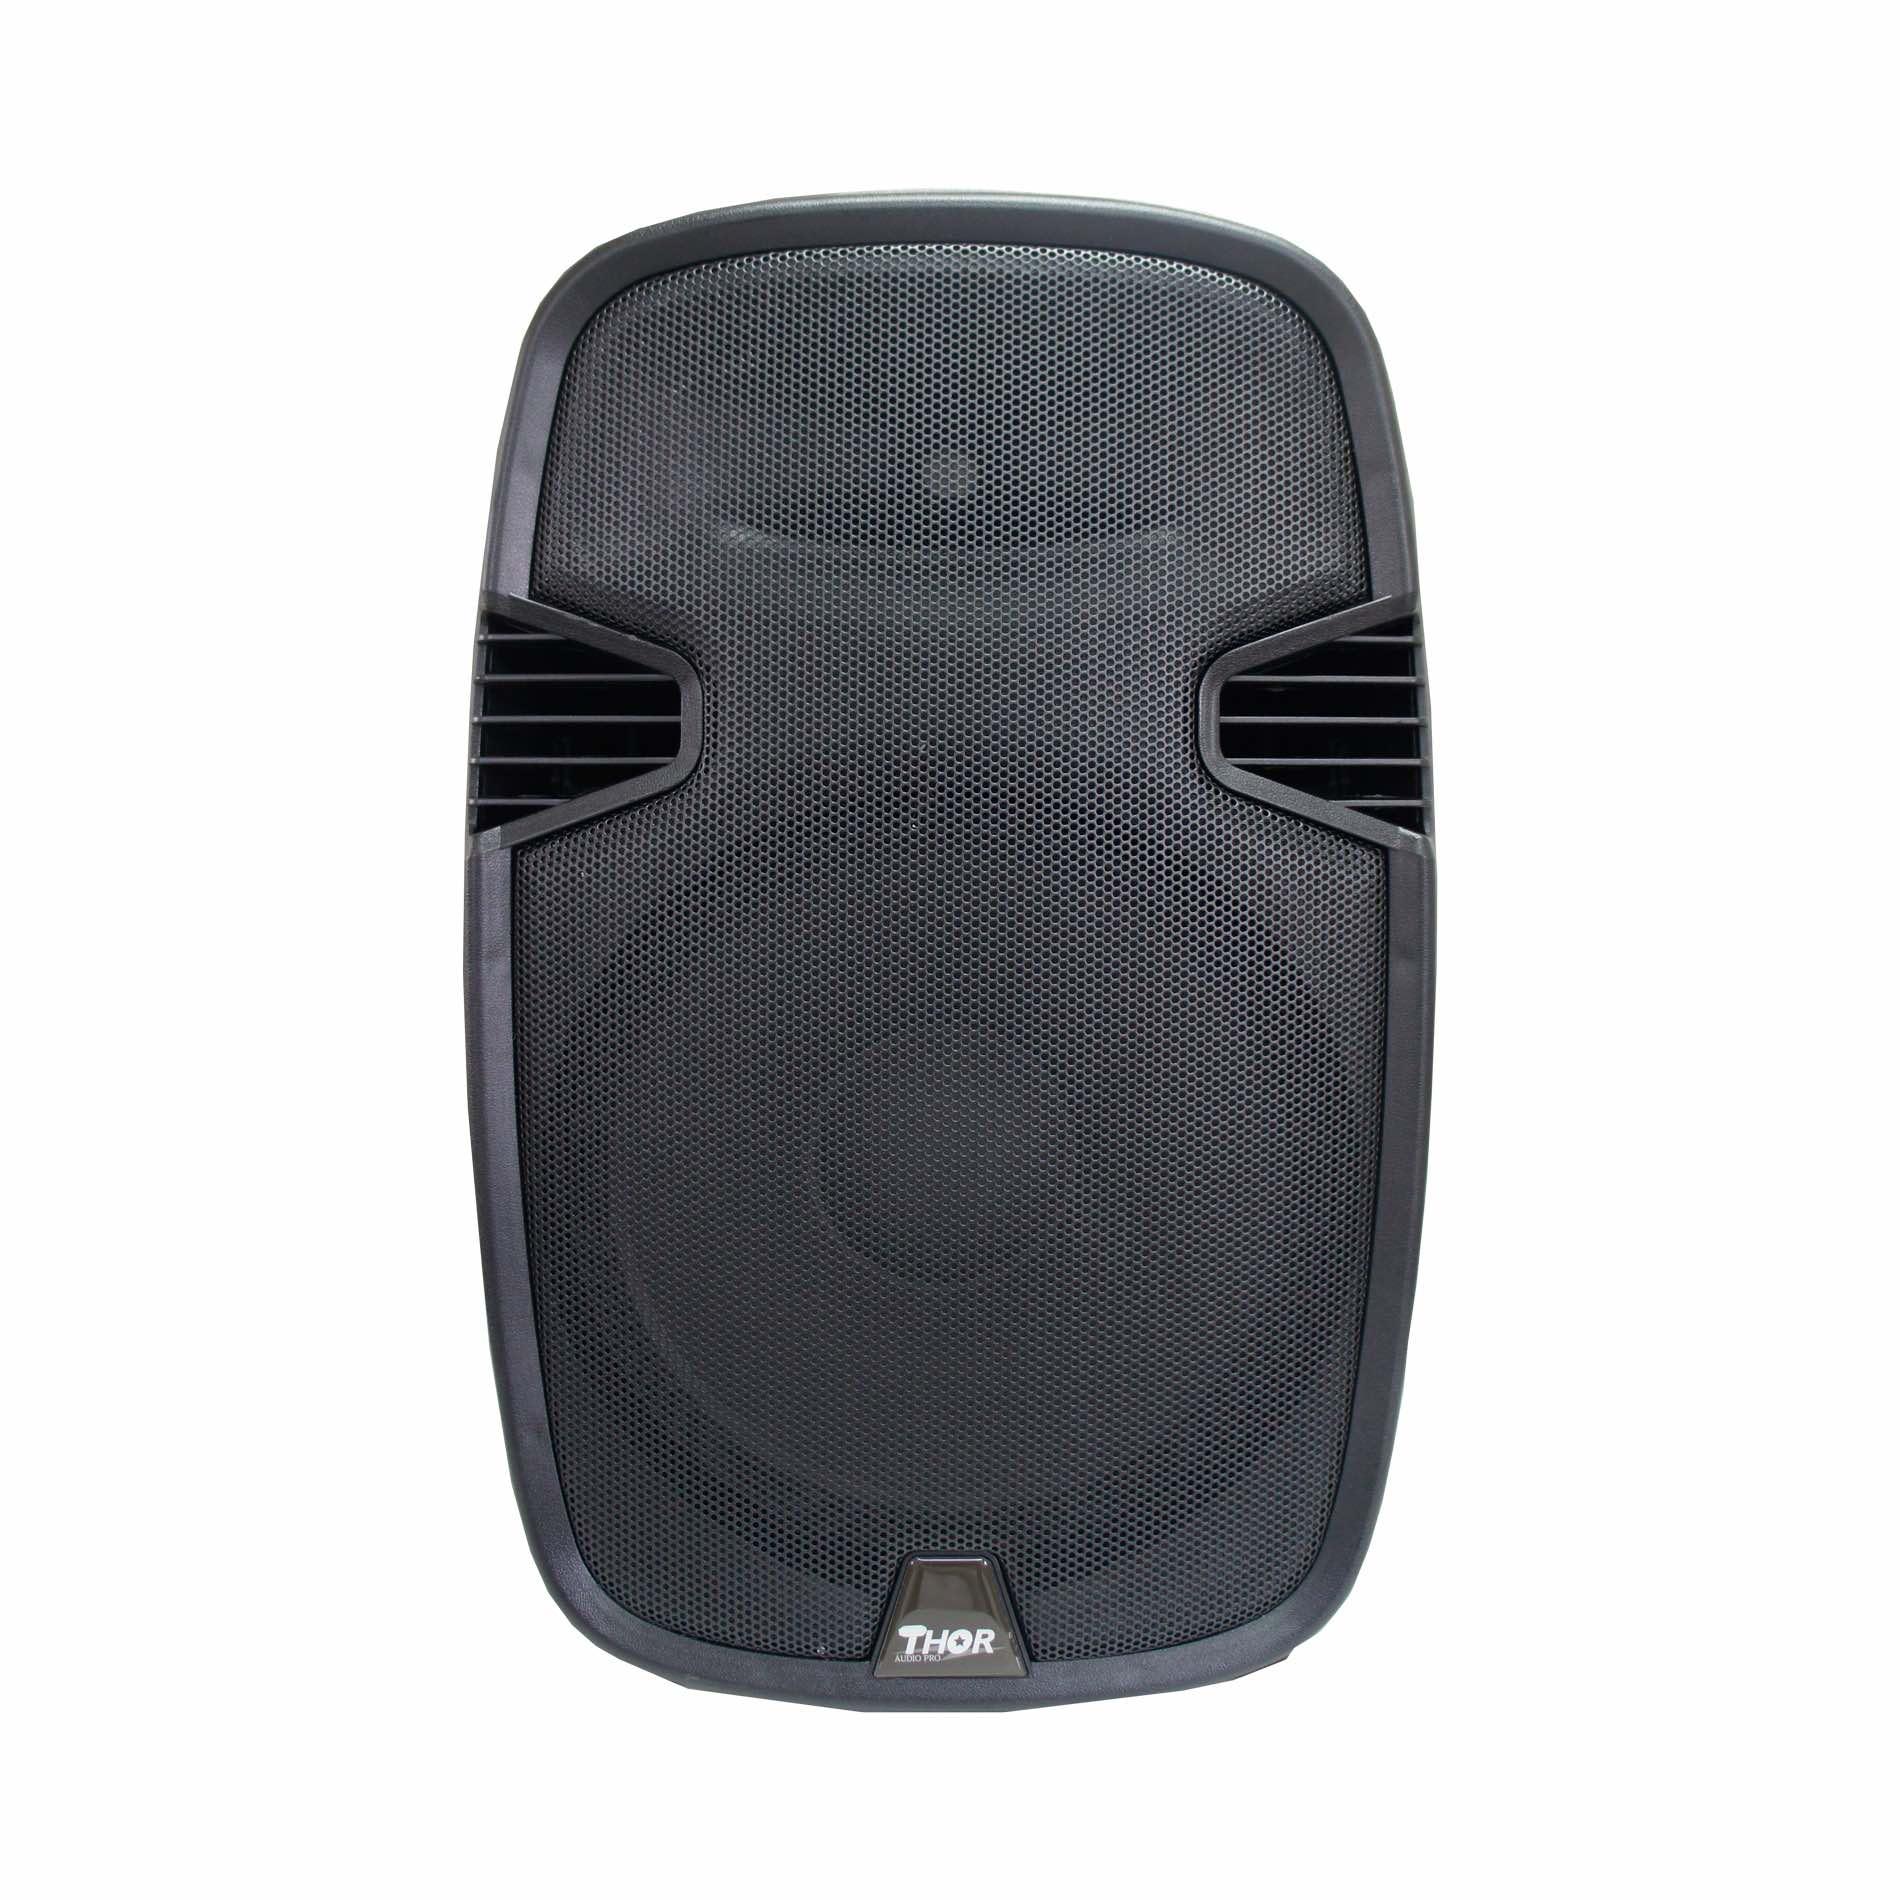 Caixa de Som Thor AP150BT - Ativa com bluetooth USB e controle remoto